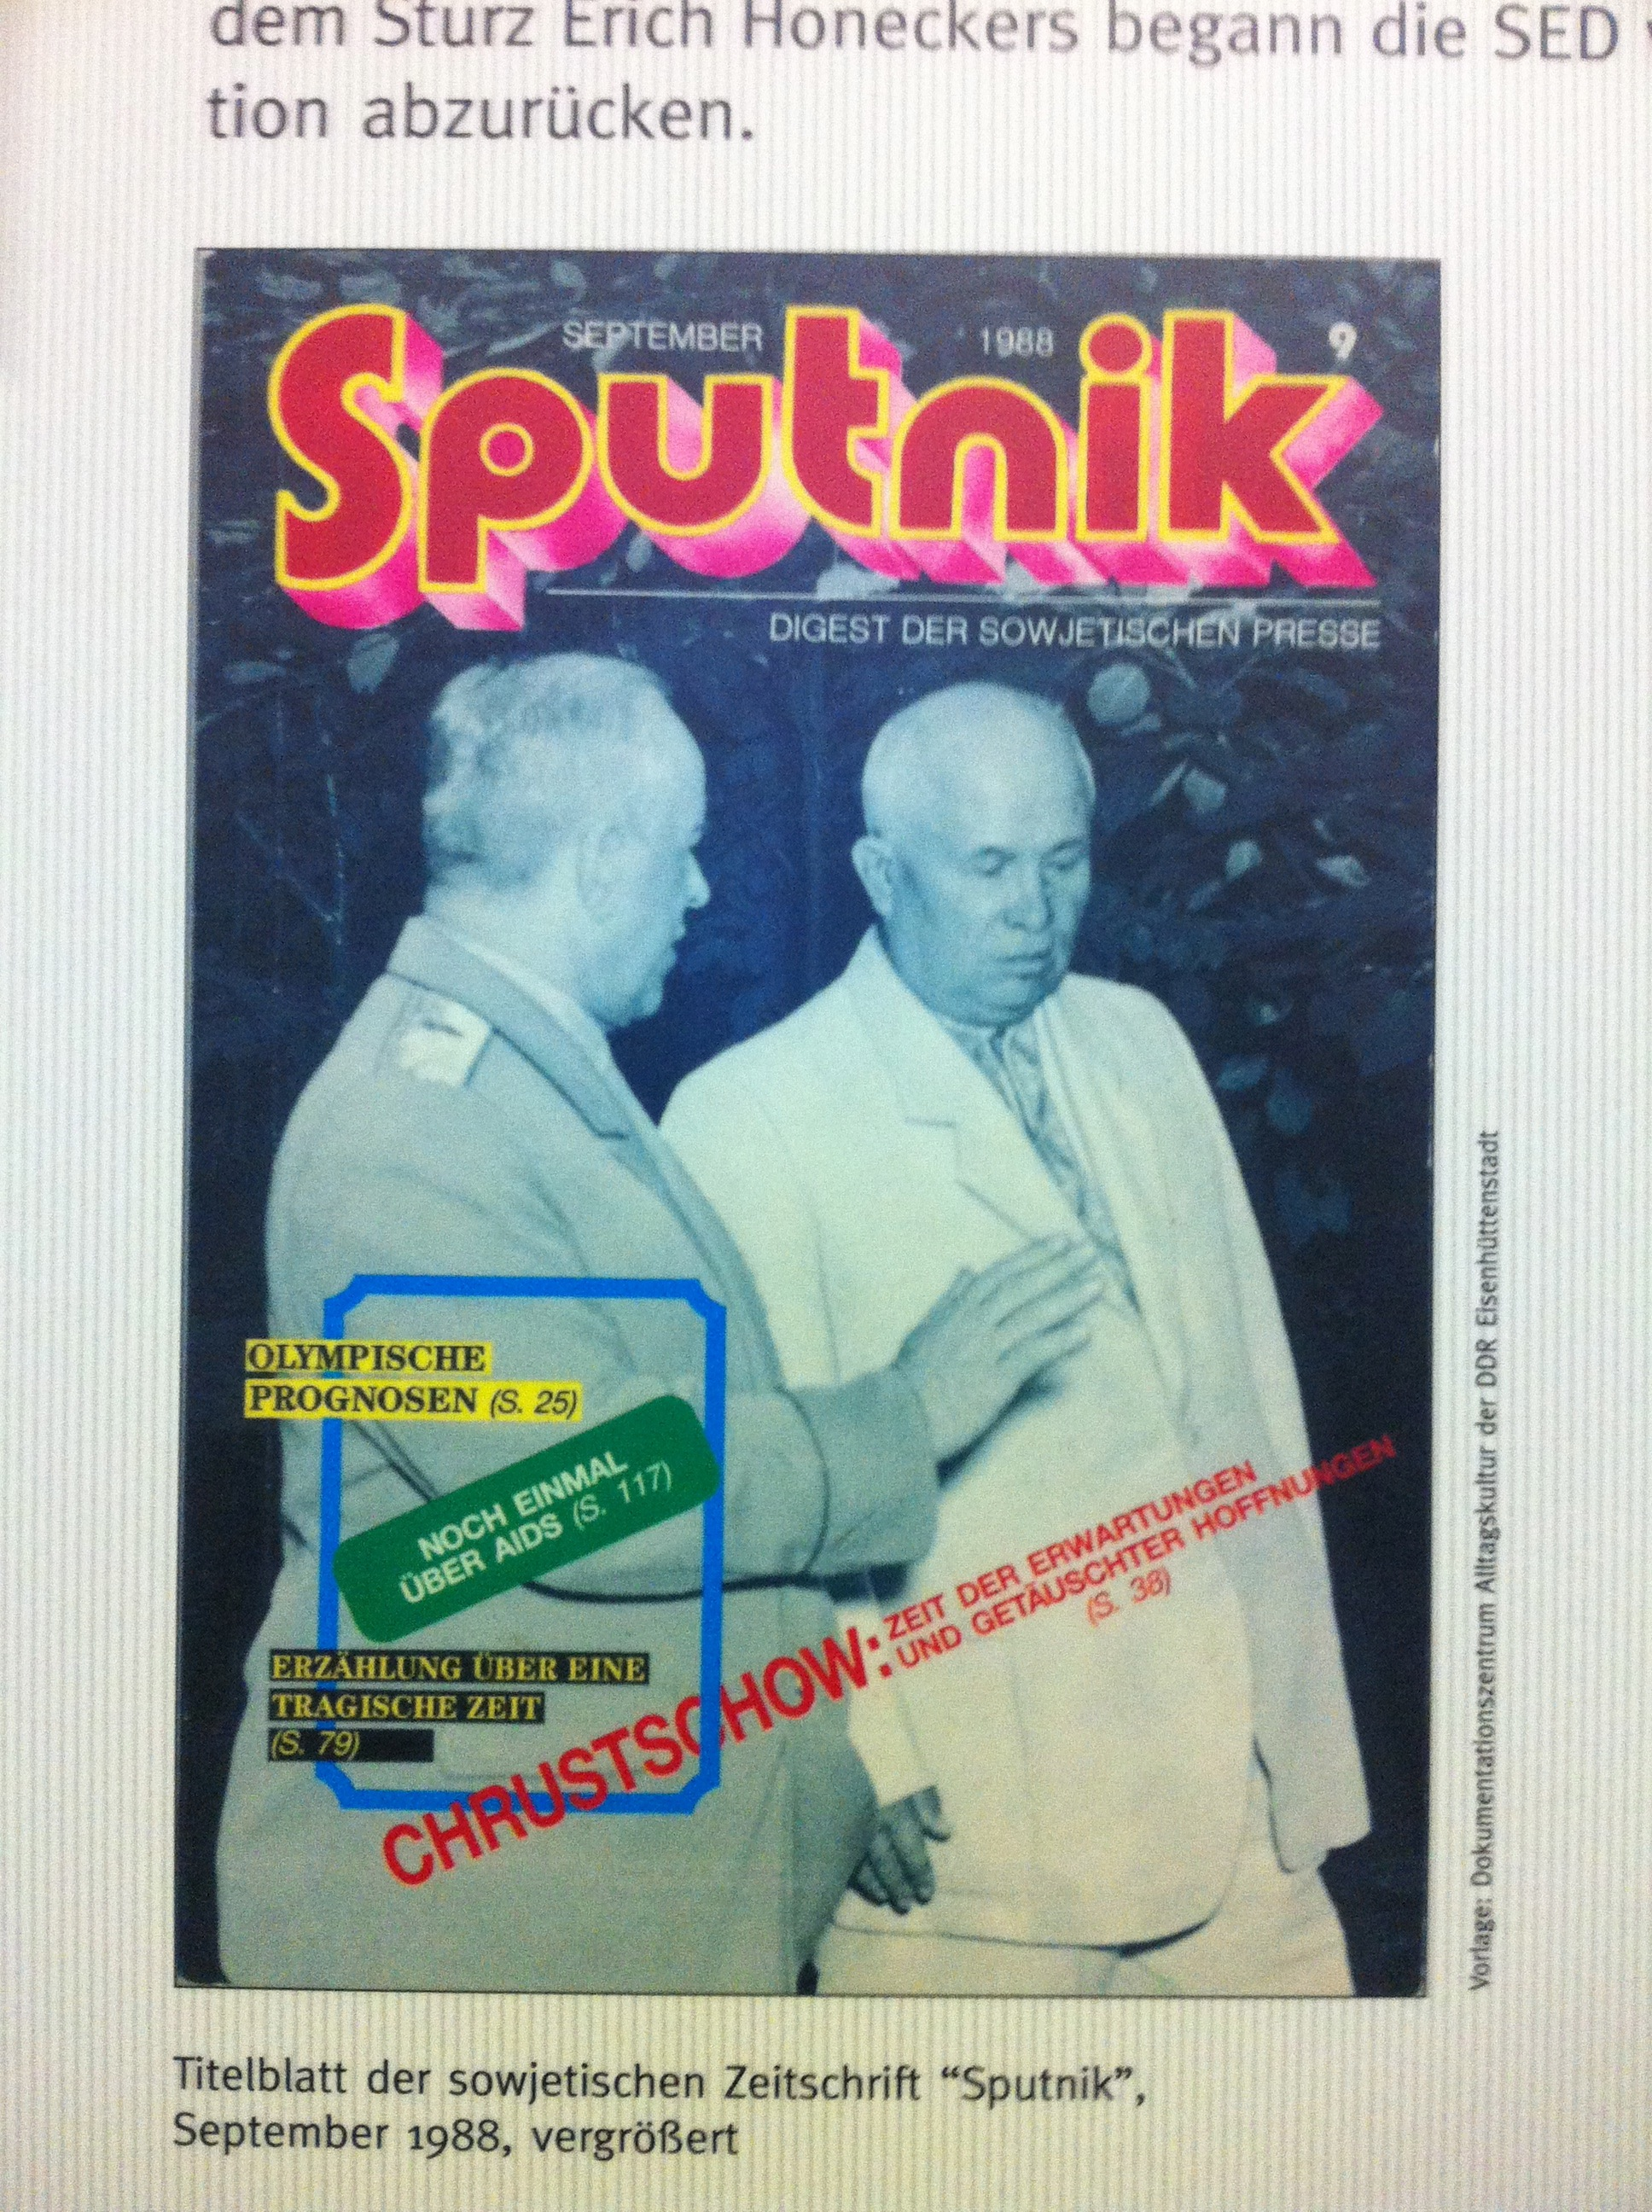 Sputnik Magazine from September 1988.